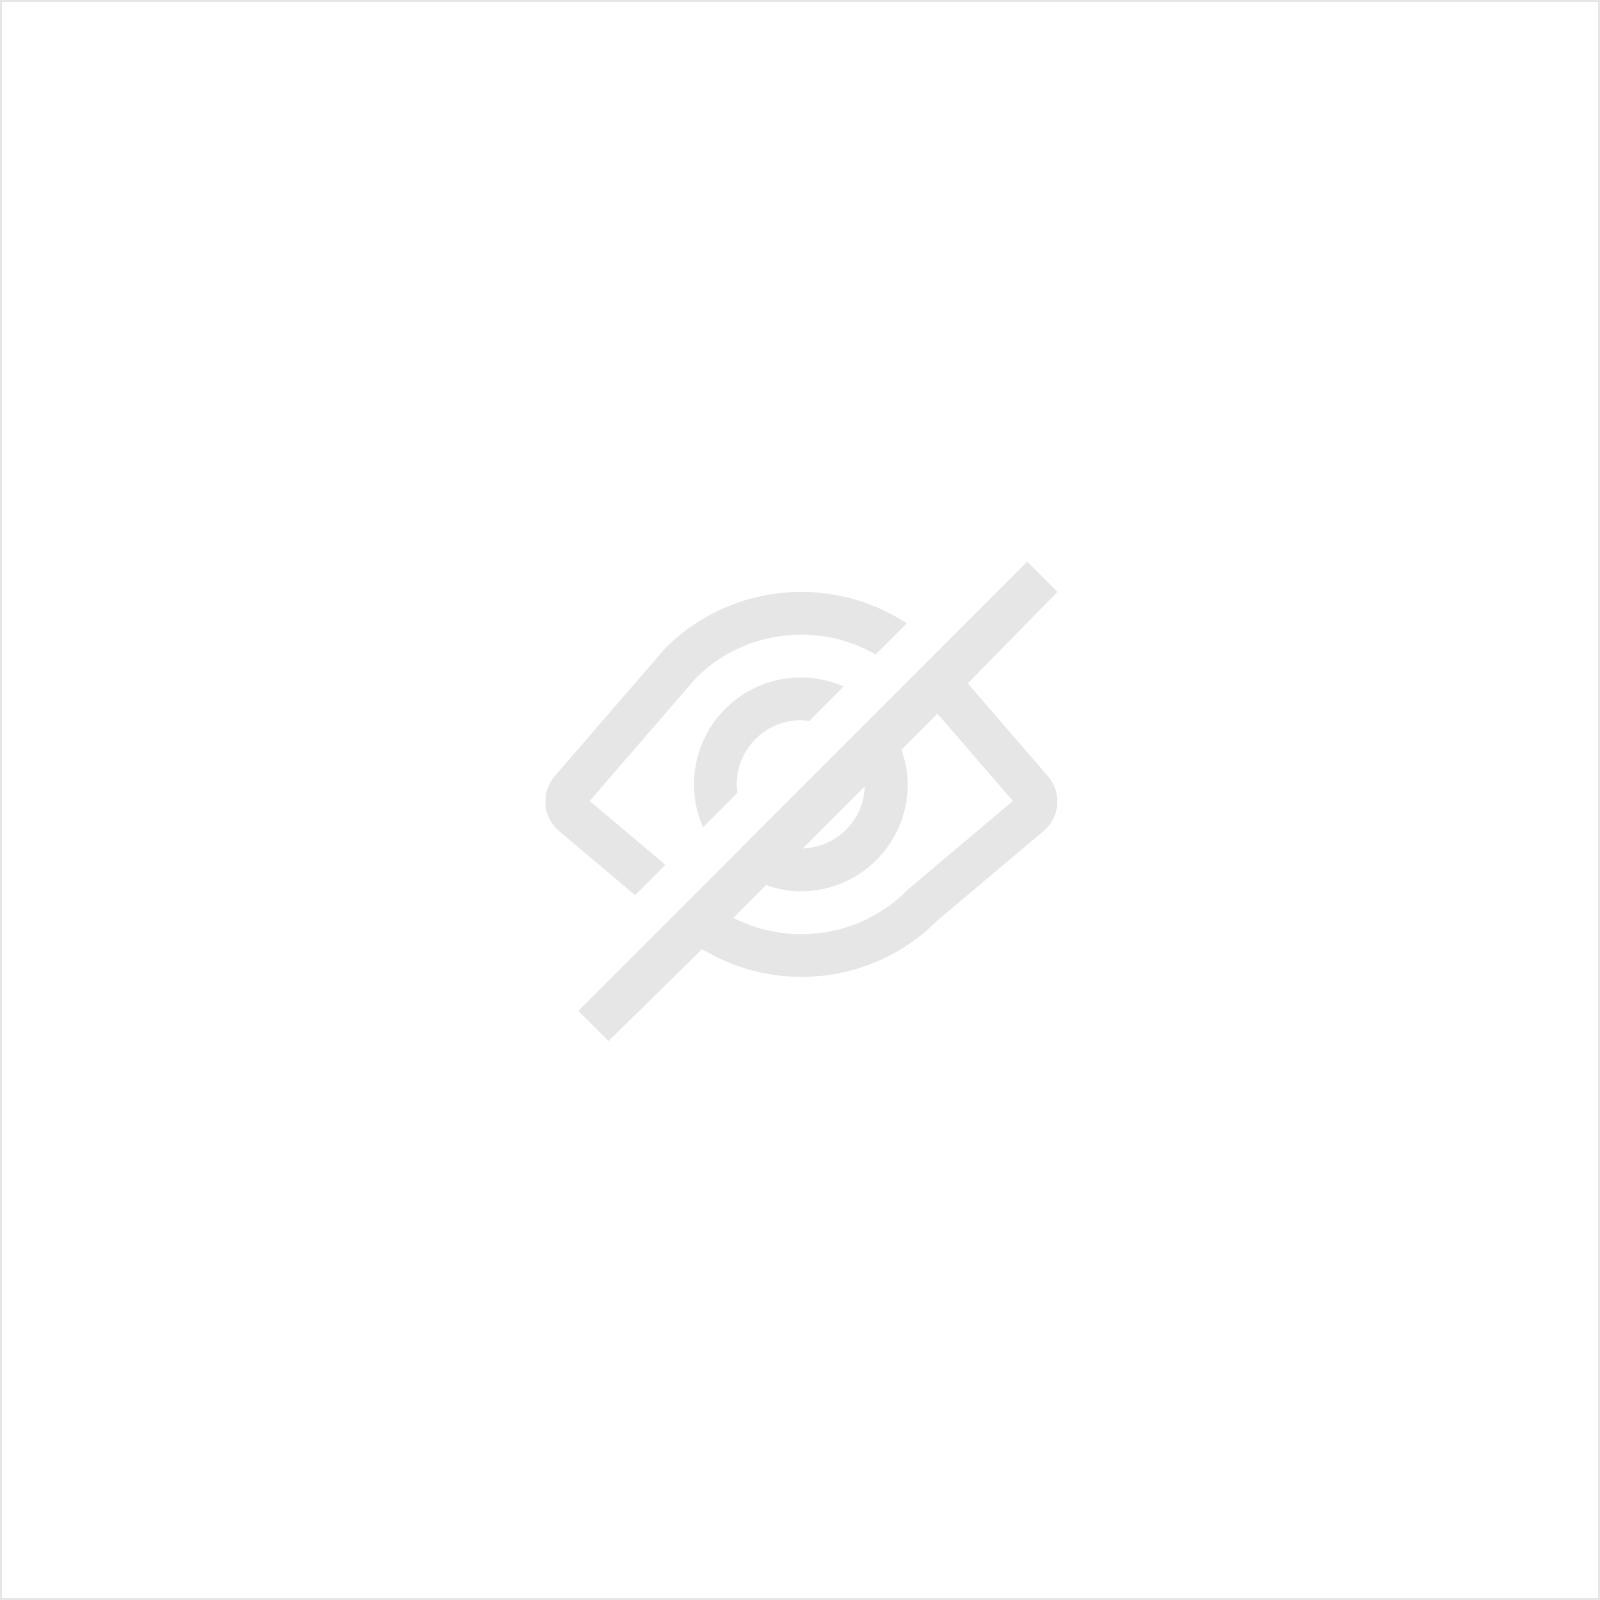 STRAALMIDDEL GLASPARELS 25 KG